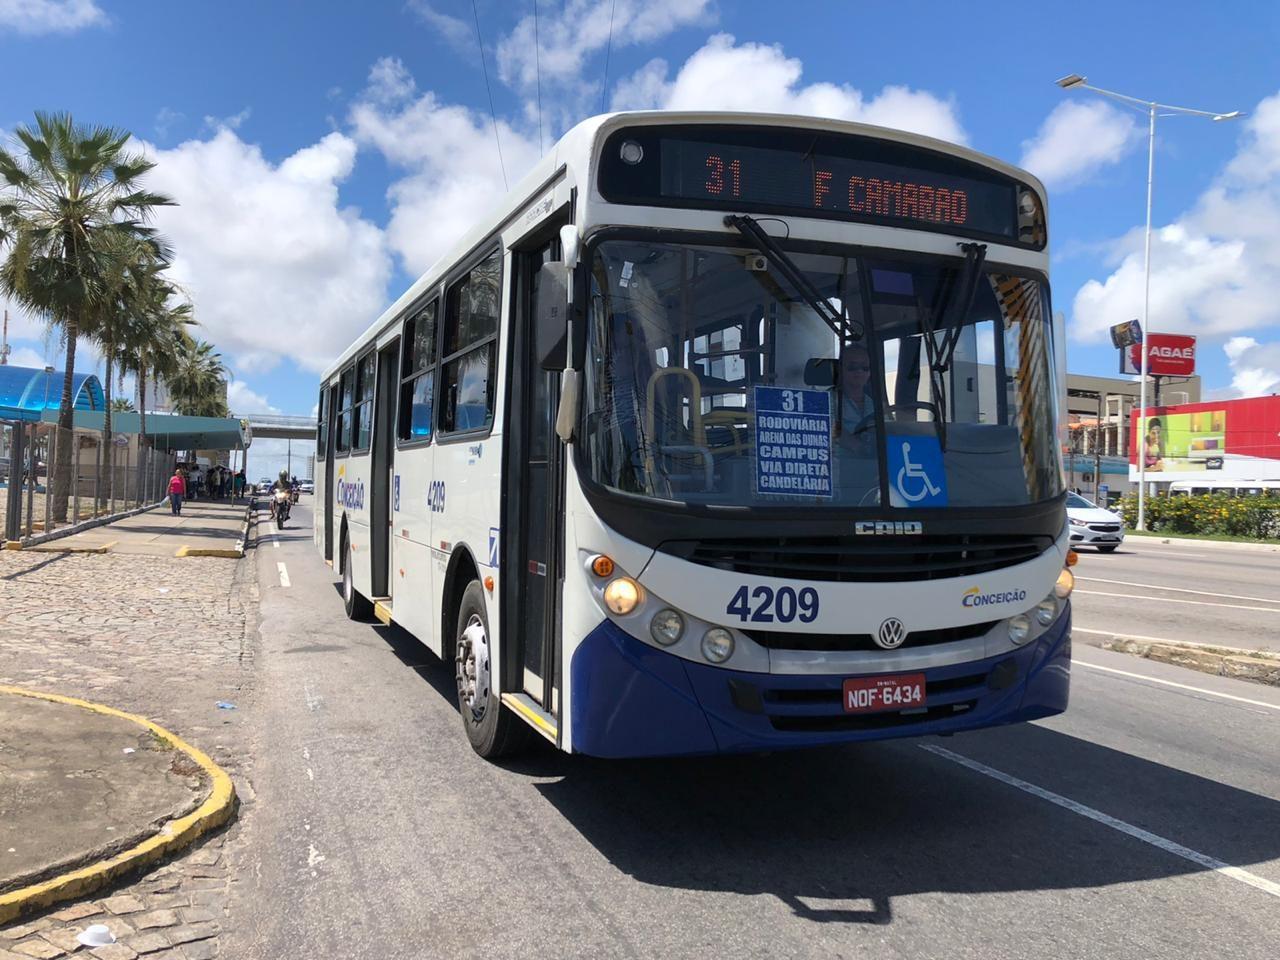 Justiça determina volta de 100% da frota de ônibus de Natal